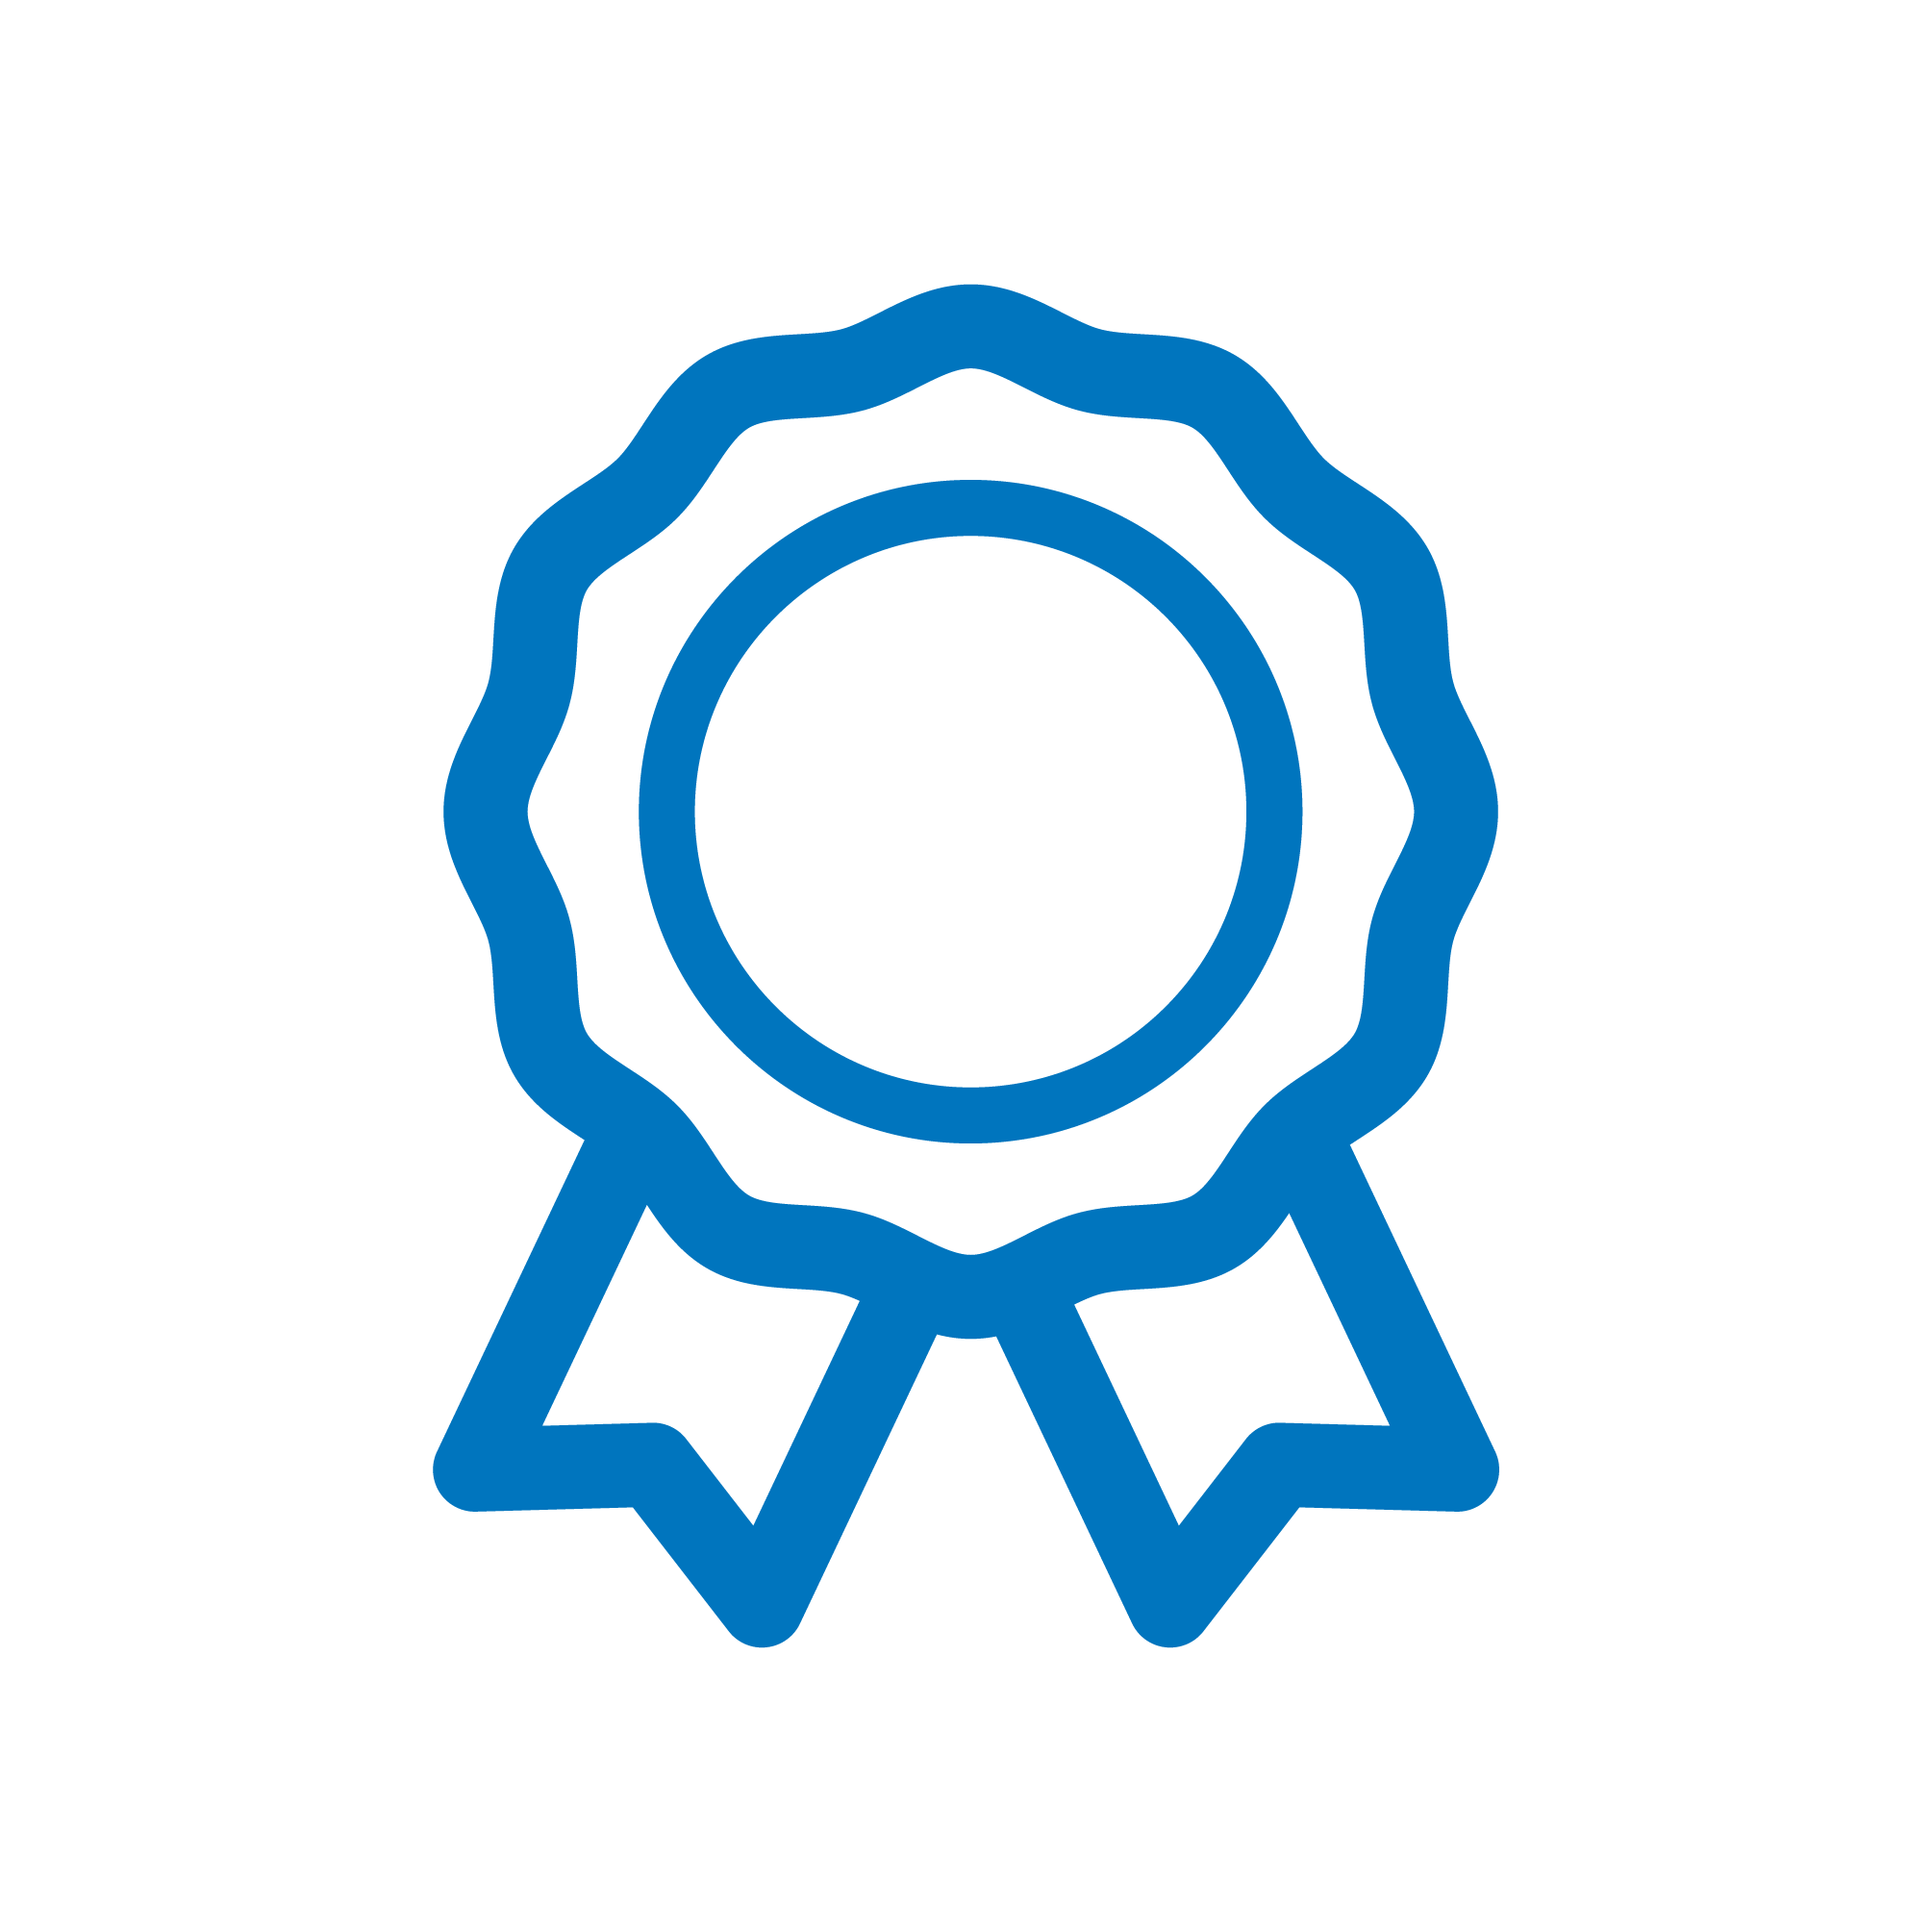 Icon_Qualität_Blau_300dpi_2017.png